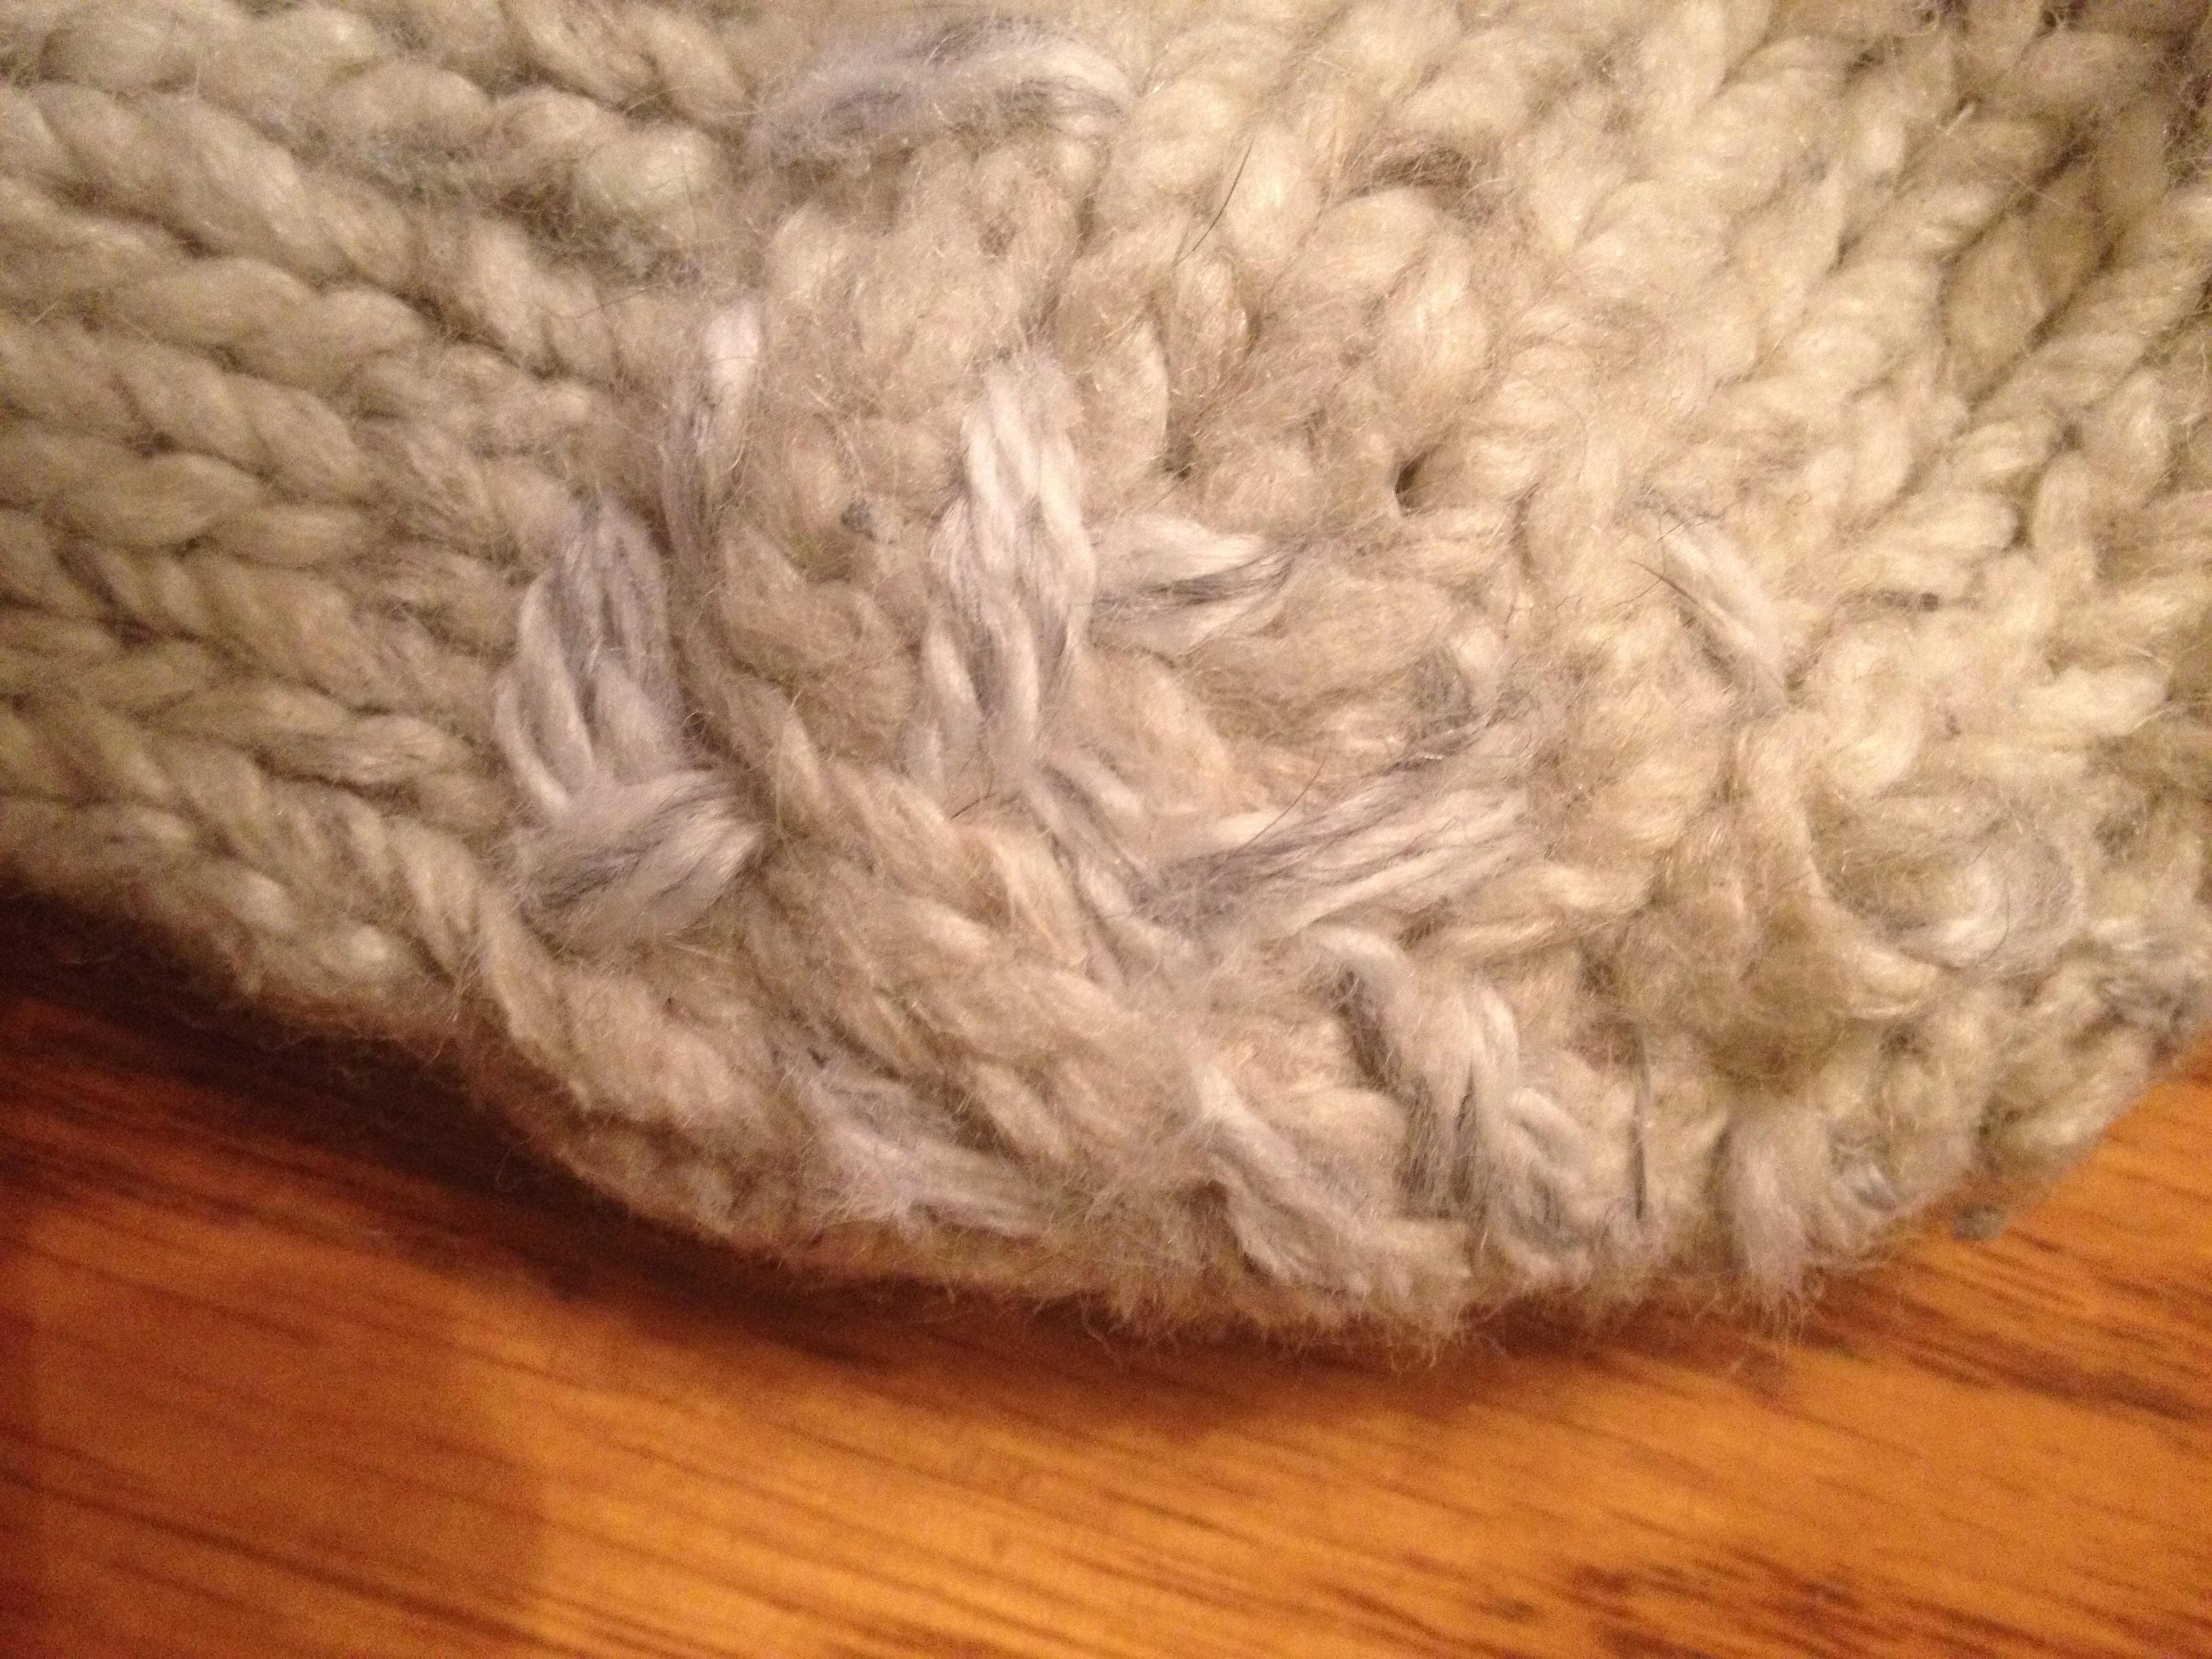 réparation de bas de laine comment faire how to repair socks